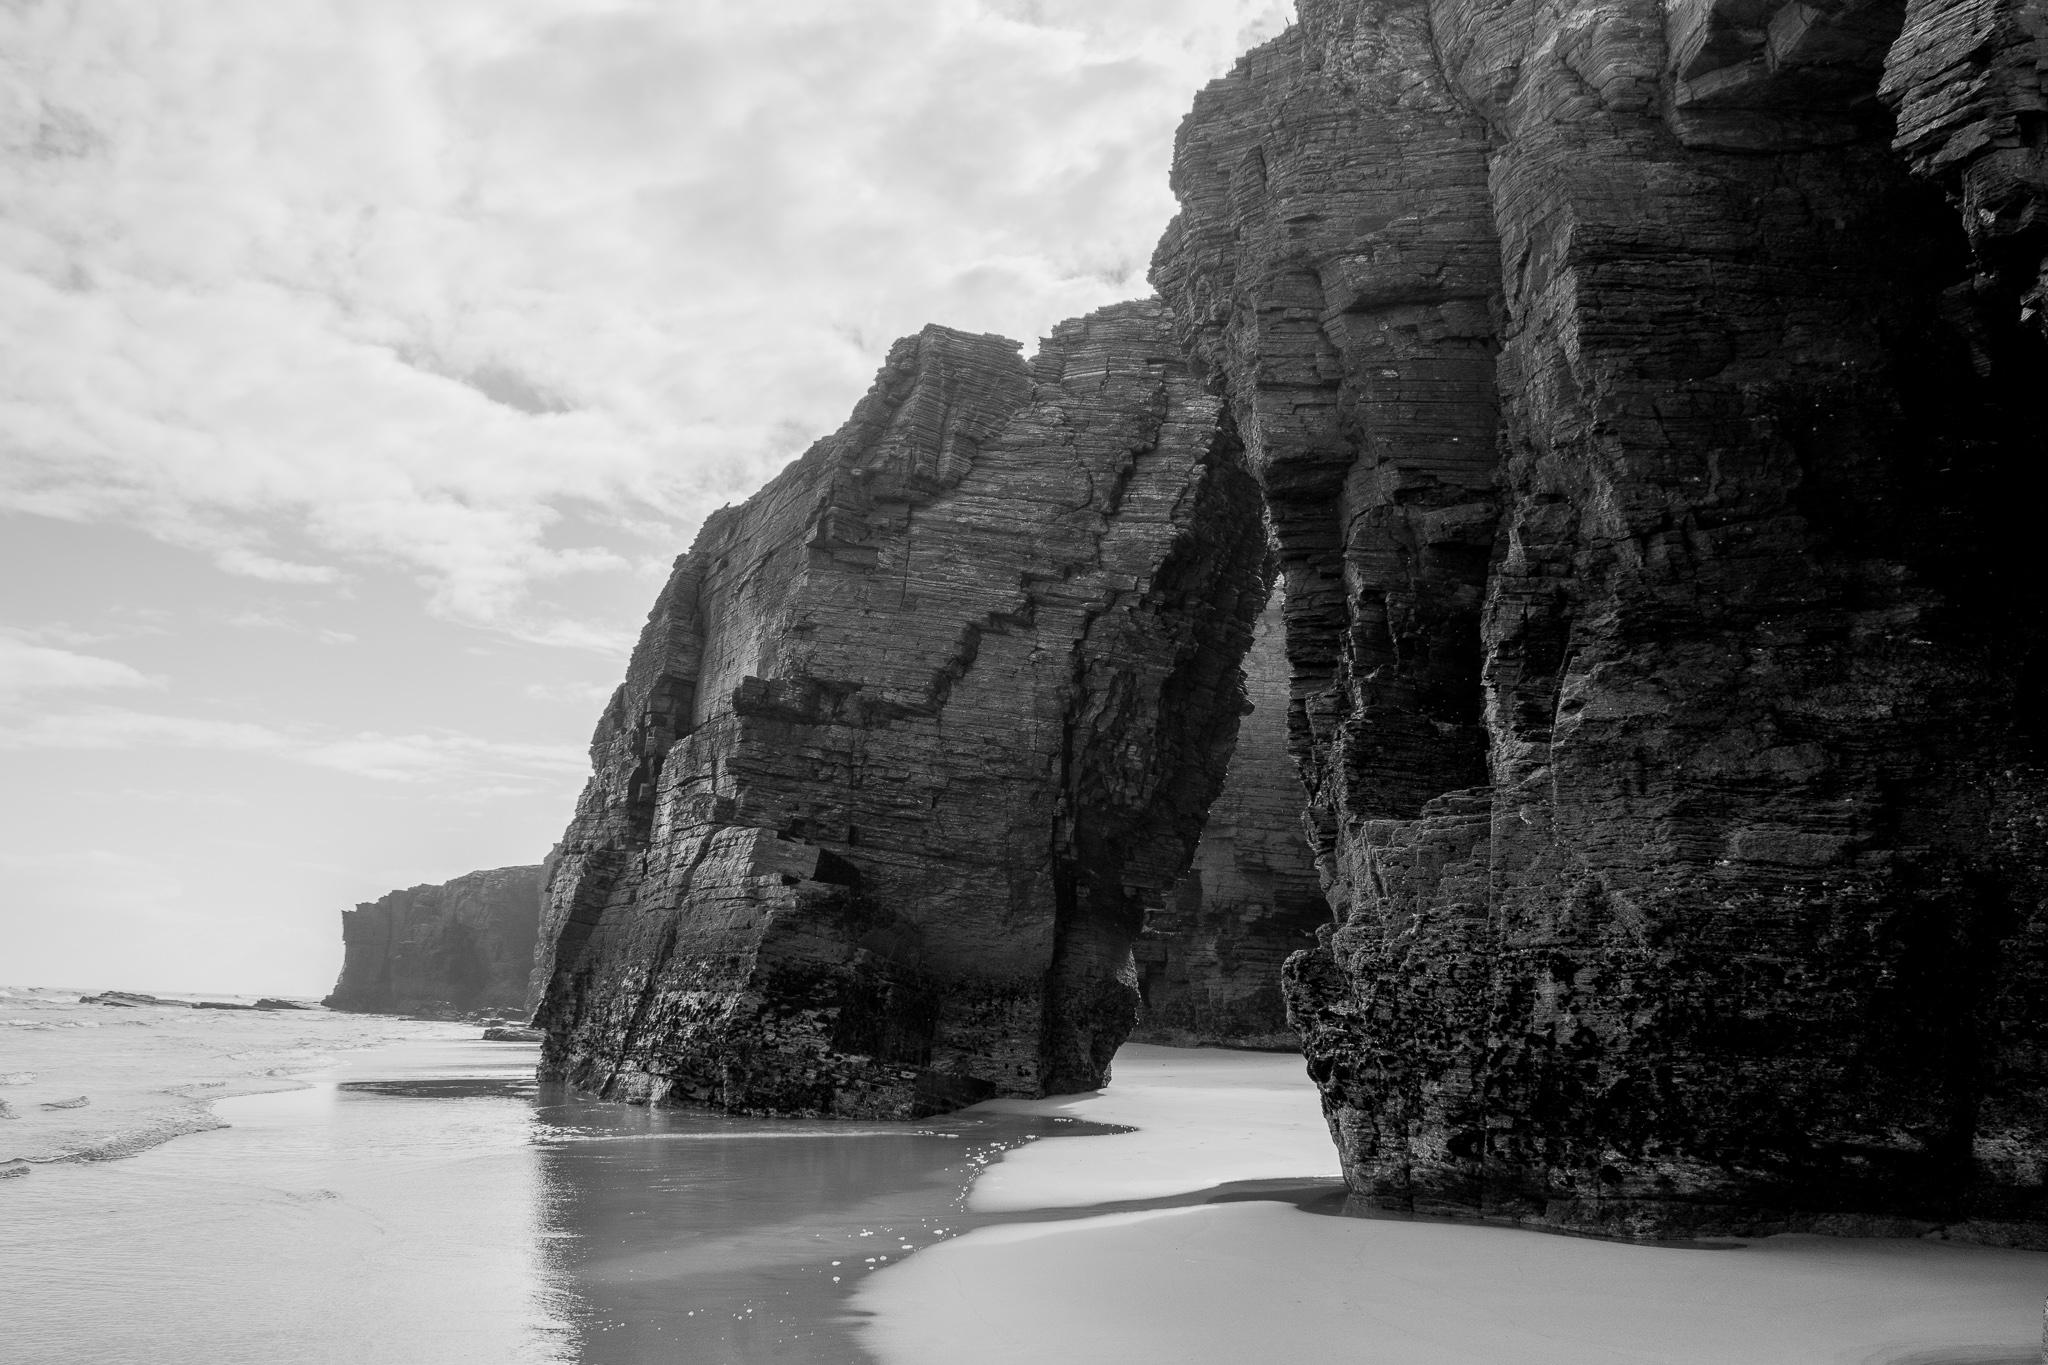 La Playa de las Catedrales (Praia de Augas Santas), situada en el municipio de Ribadeo, es un conjunto de acantilados de unos 30m situados al borde del mar, que conforman un paisaje y una playa declarada Monumento Natural. <br><br>Sólo visitable durante la bajamar, muestra sus arcos, grutas y pasillos de arena al pie de una zona de acantilados de pizarra, mientras que en la pleamar el agua cubre prácticamente la totalidad del arenal.